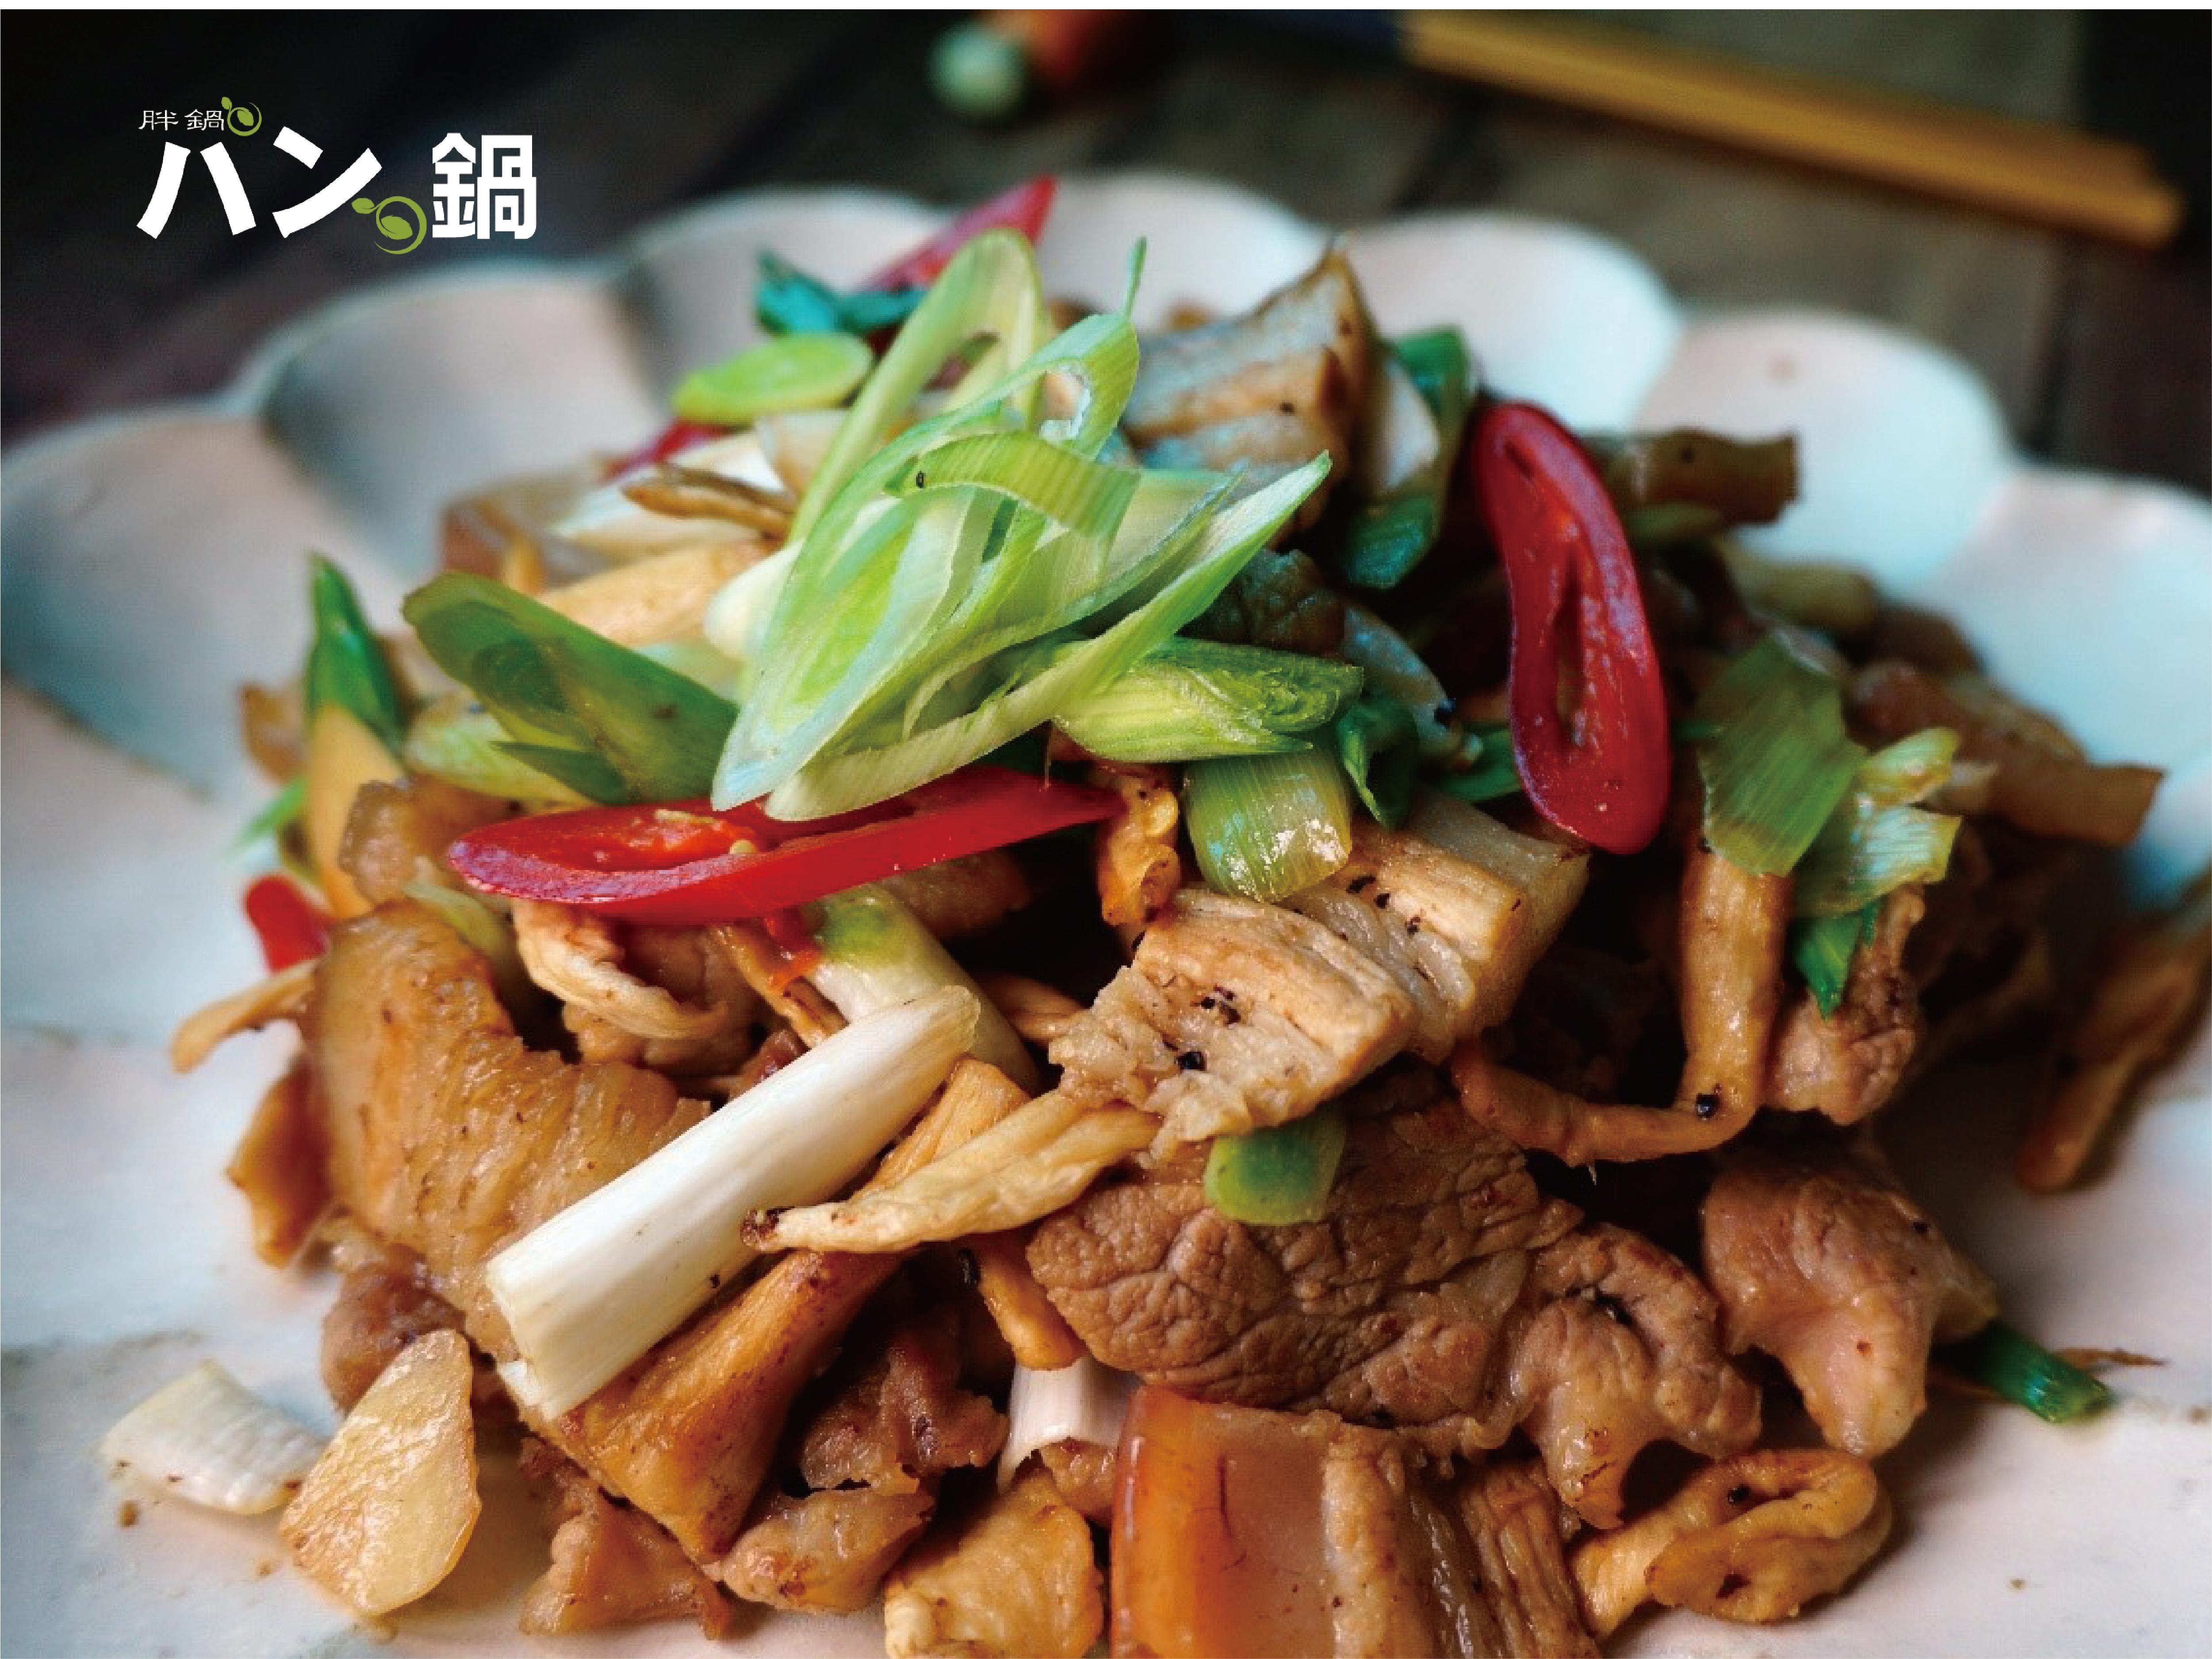 蘿蔔乾香炒五花肉 - パンの鍋(胖鍋)